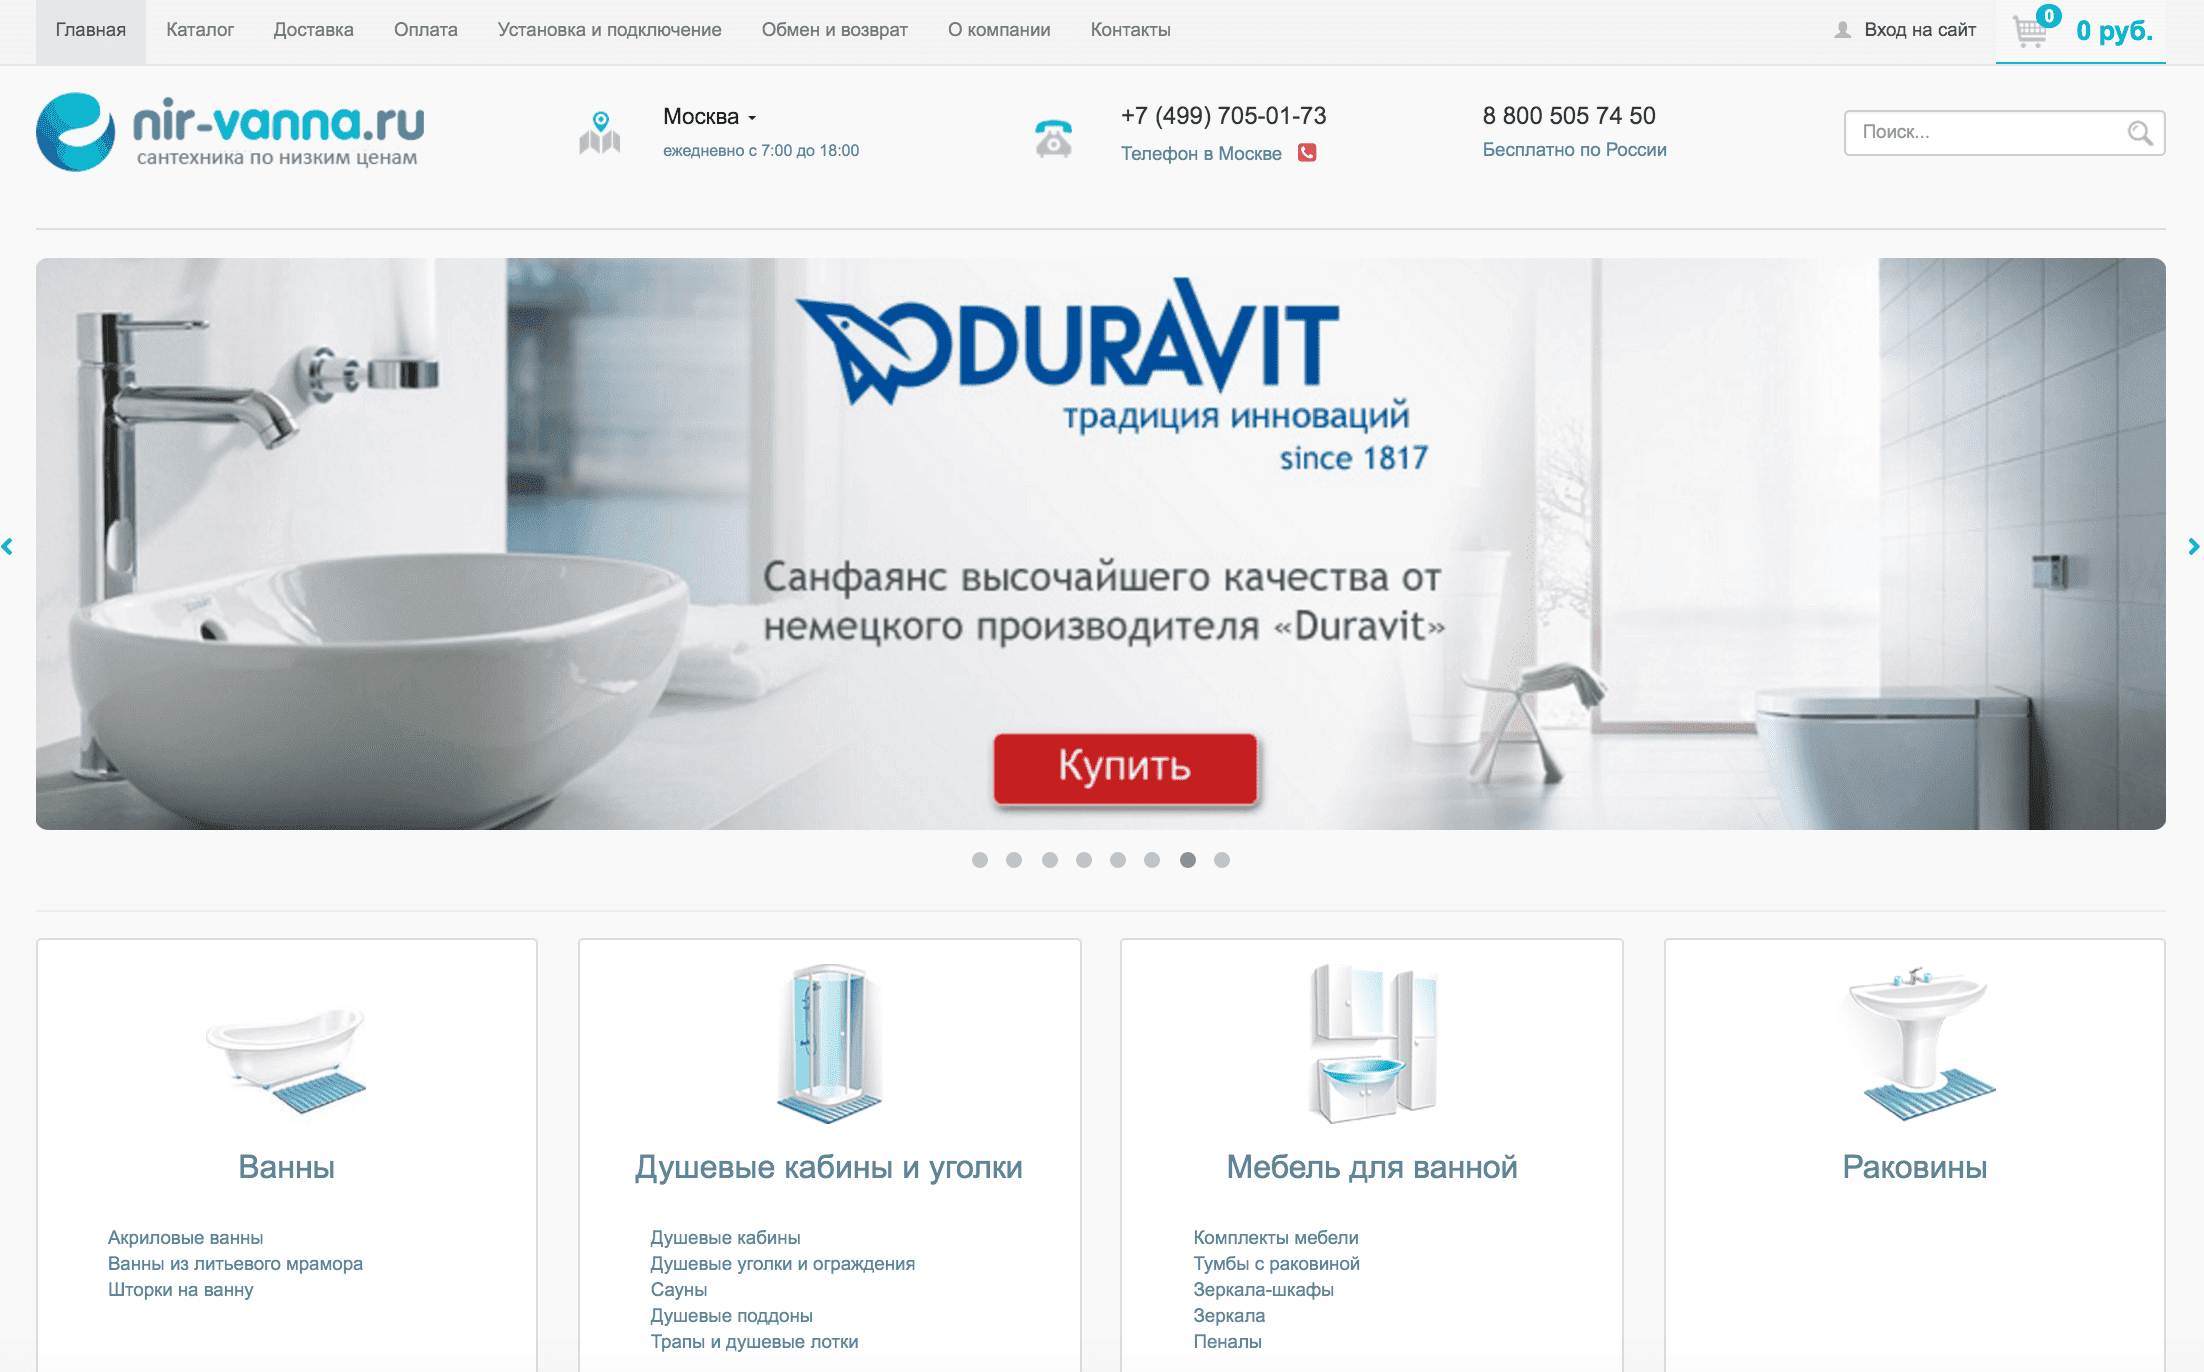 Комплексная оптимизация сайта всероссийской сети магазинов сантехники - кейс iPapus Agency